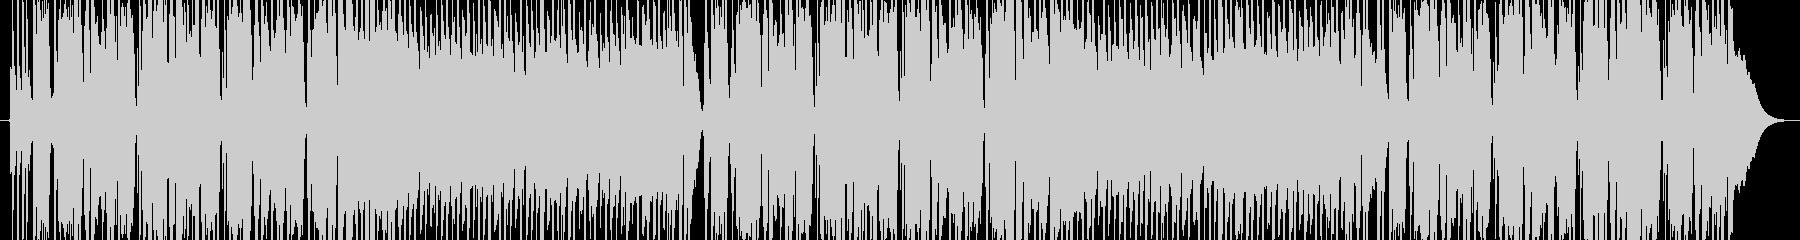 重くてゆったりとしたファンクロックの未再生の波形